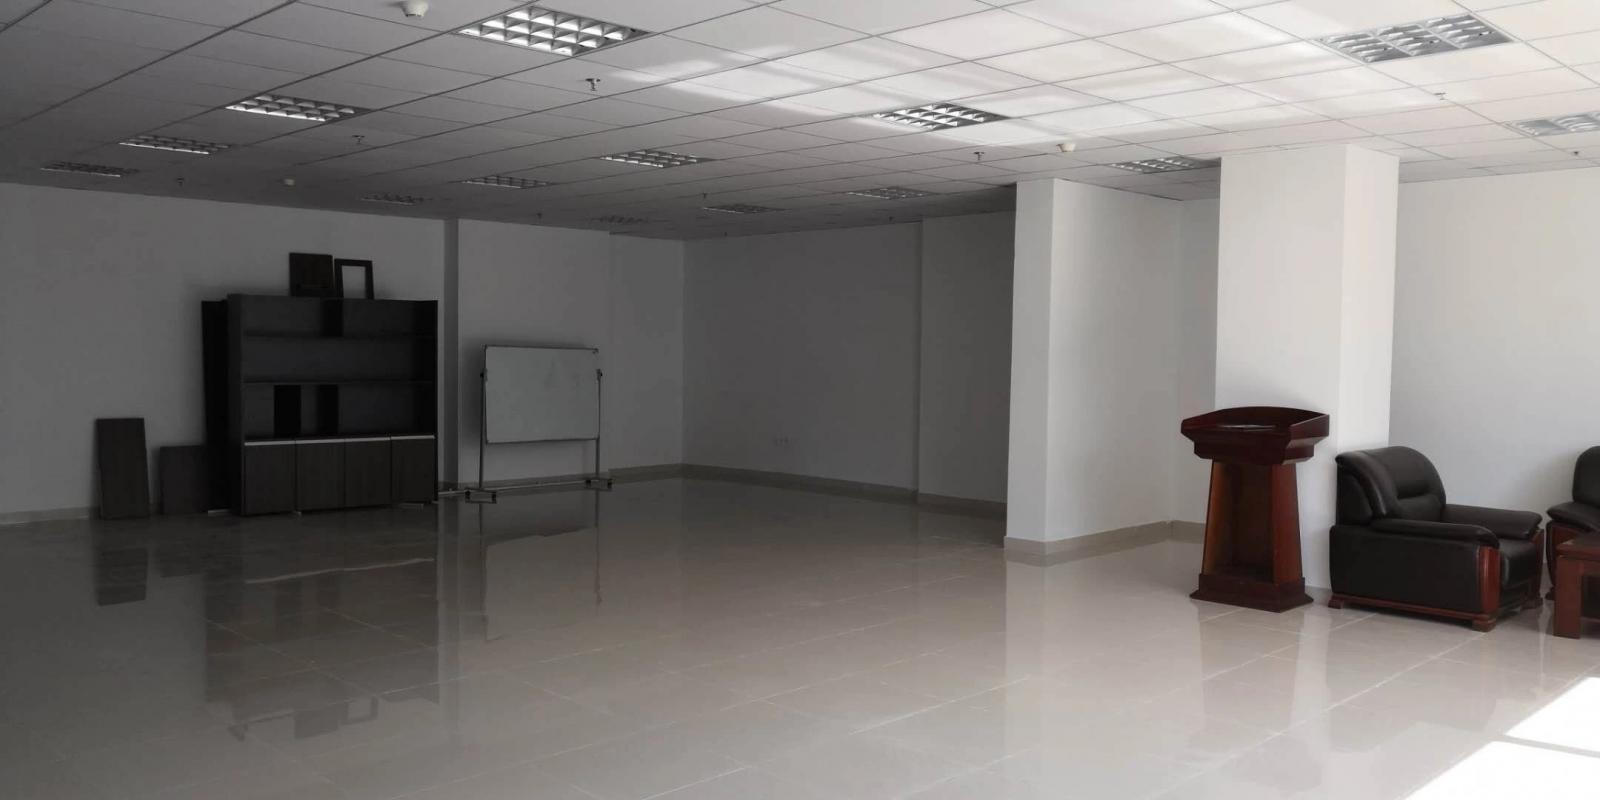 江宁区东山街道东山总部商务园租房